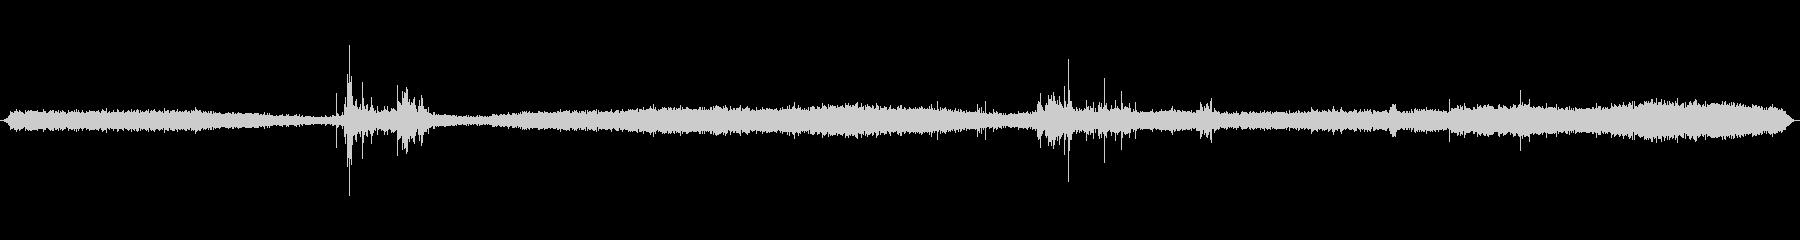 ショベル、積込瓦;; DIGIFF...の未再生の波形